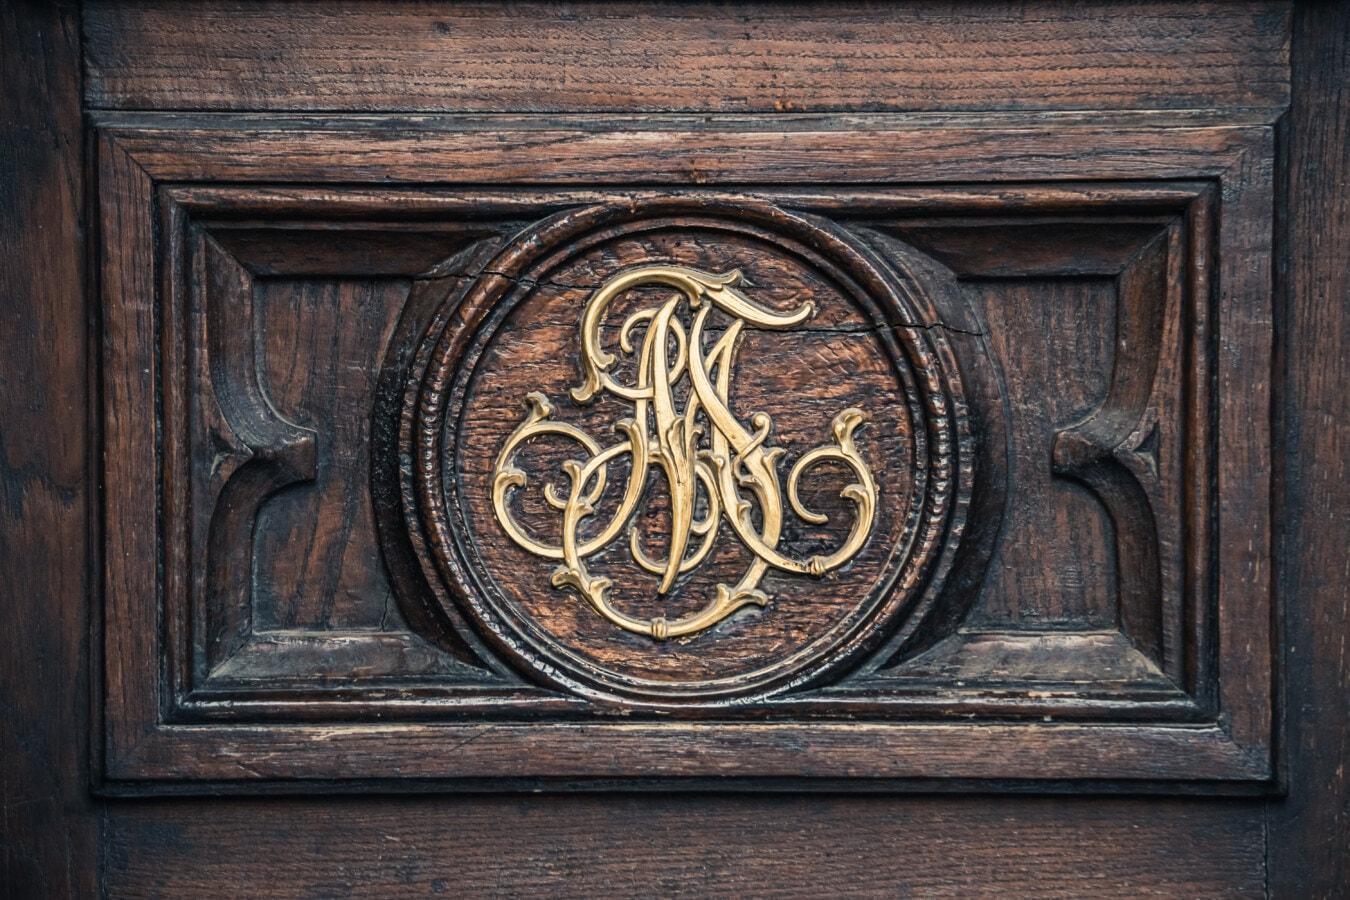 Handwerk, Textur, Tischlerei, Holz, Hartholz, handgefertigte, Schnitzereien, dekorative, Ornament, goldener Glanz